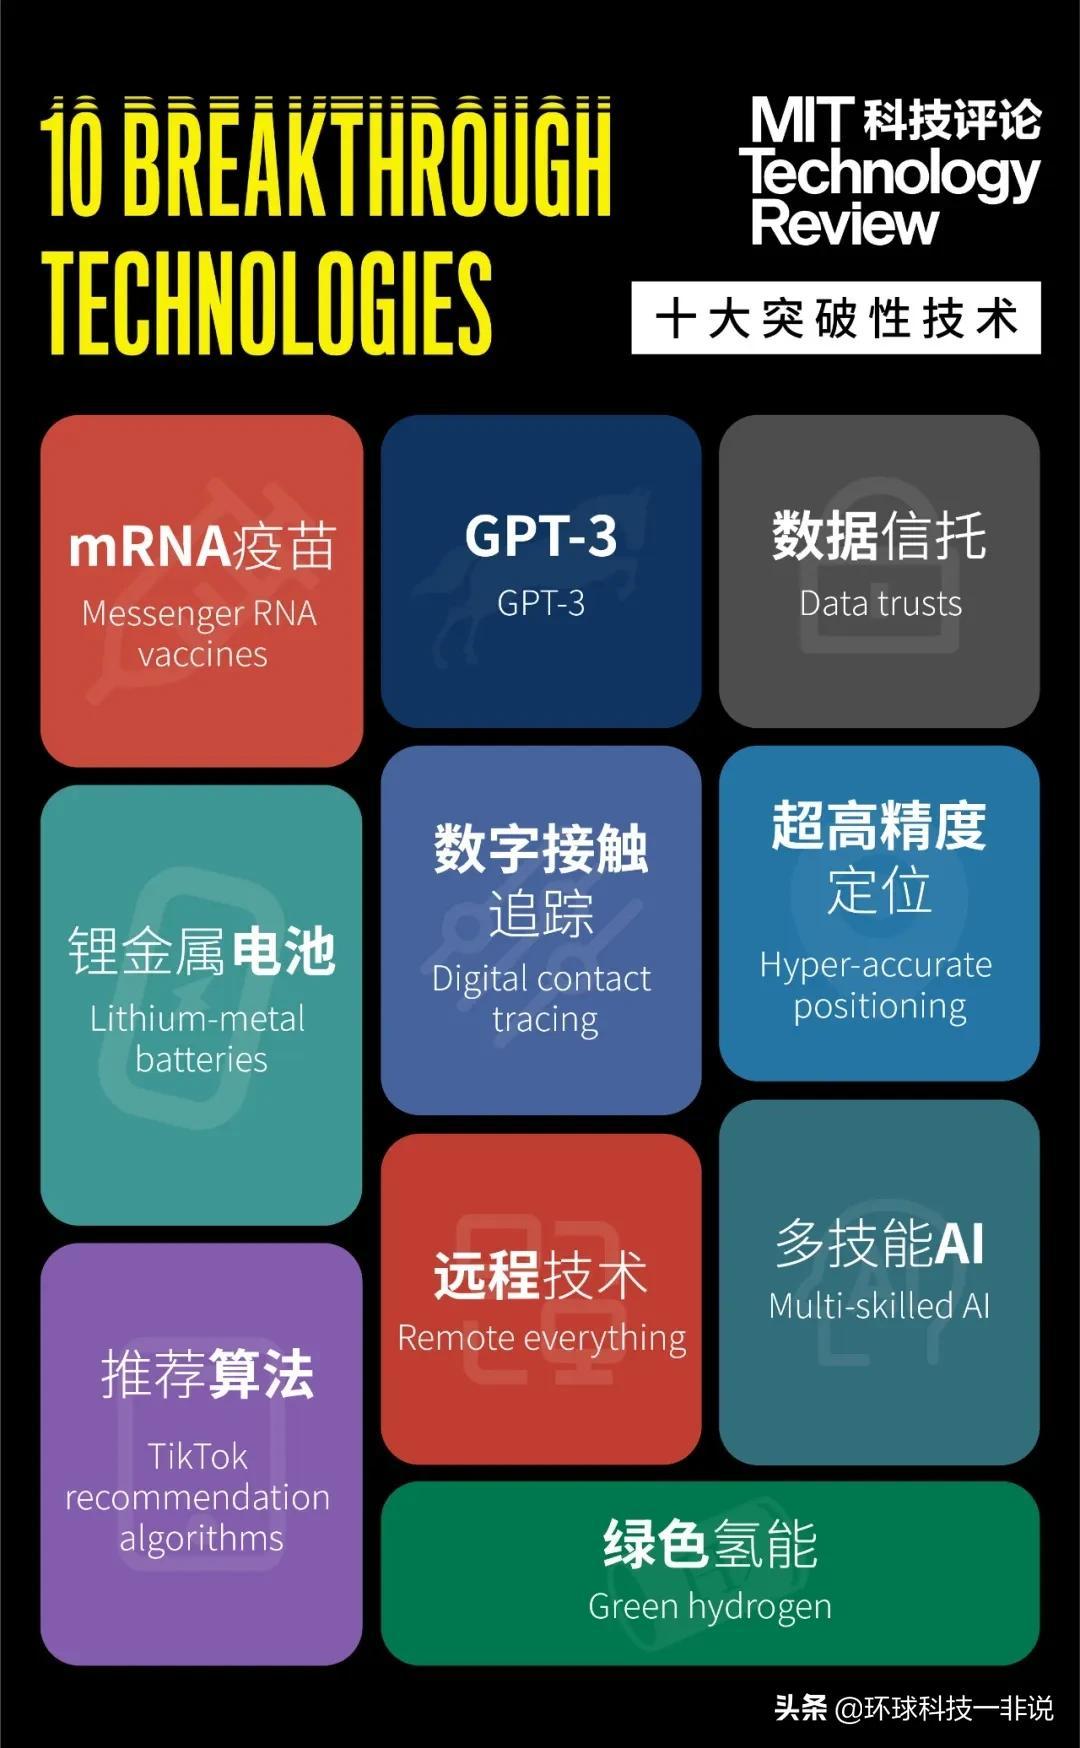 麻省理工科技发布2021十大突破技术,一张图看清未来科技趋势